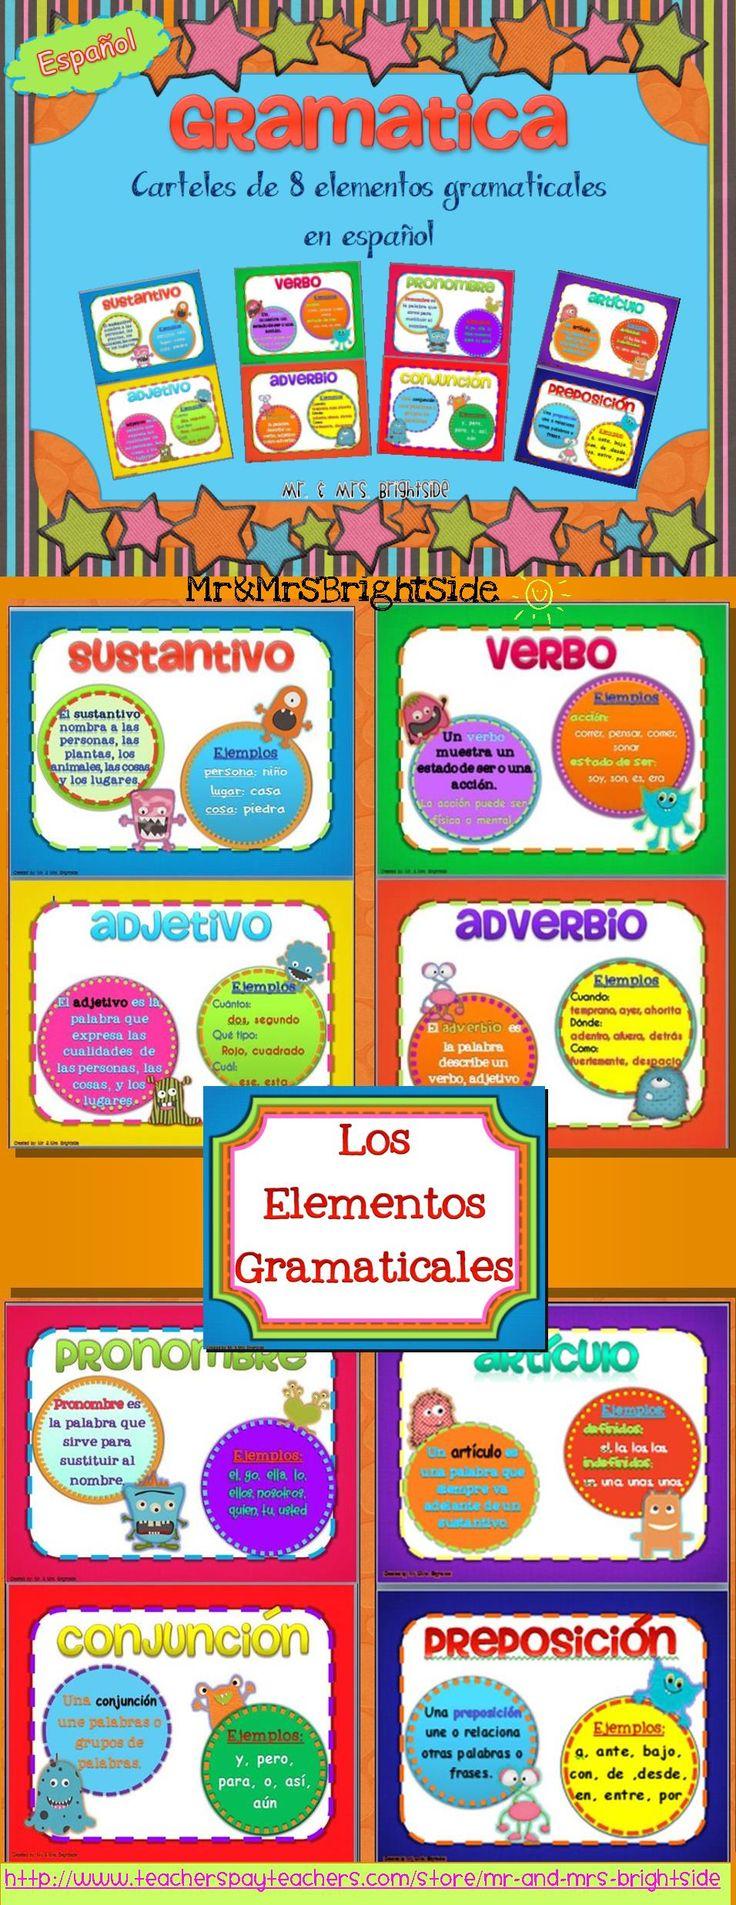 Carteles gramática: sustantivo, verbo, pronombre, artículo, adjetivo, adverbio, conjunción y preposición.